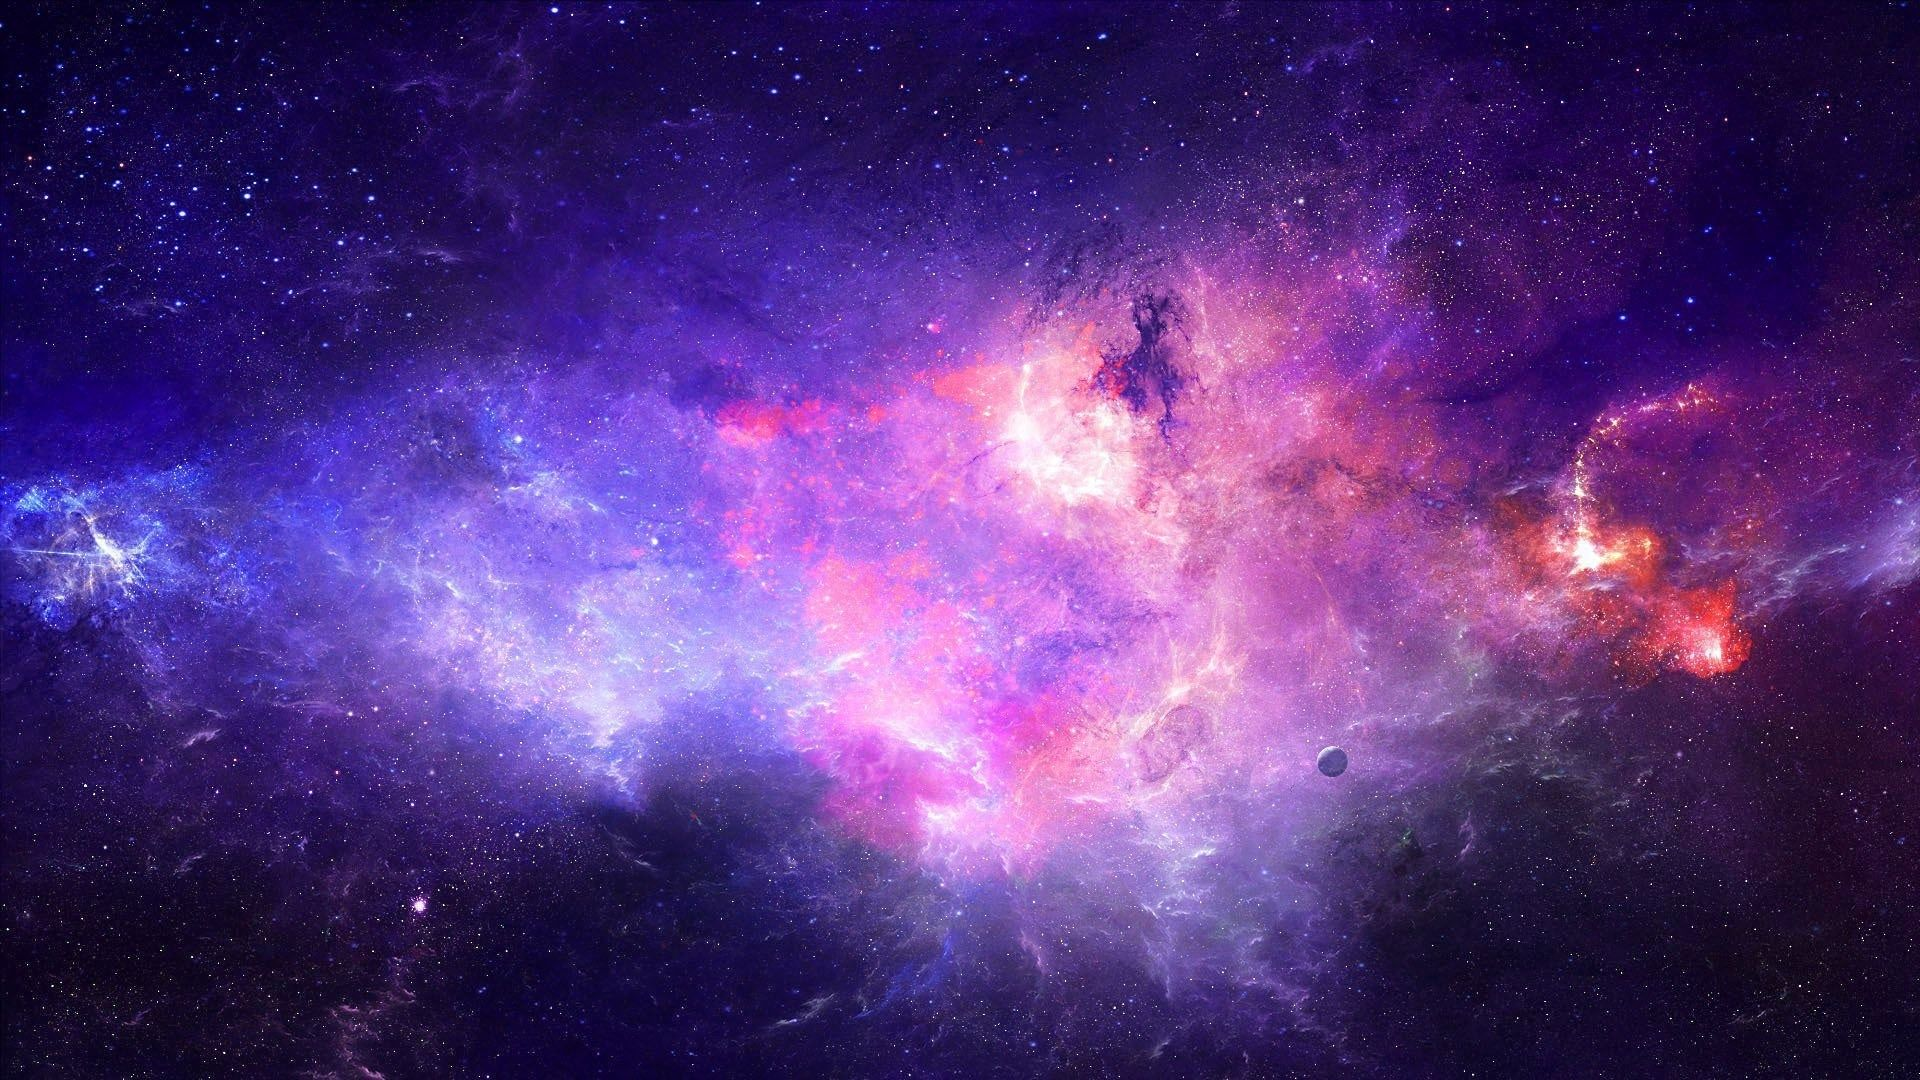 Hd wallpaper universe - 1920x1080px Space Hd Wallpaper By Nita Round